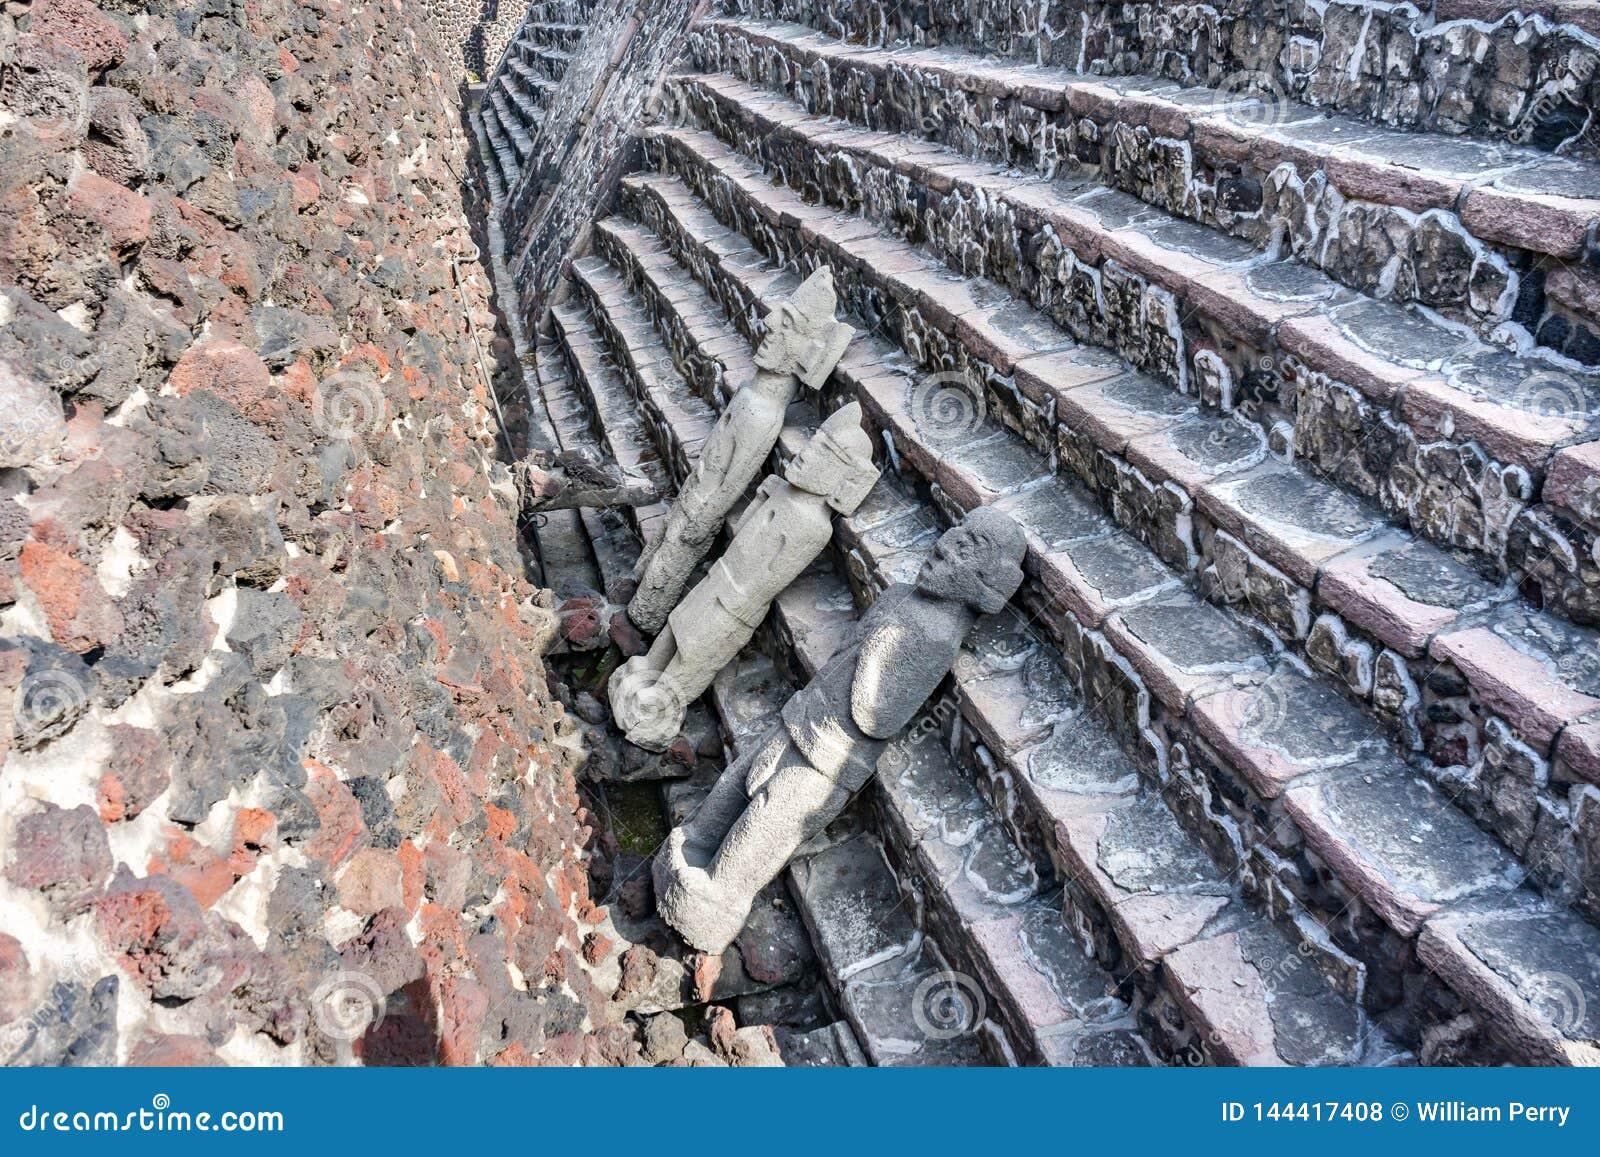 Ancient Aztec Stone Gods Statues Templo Mayor Mexico City Mexico